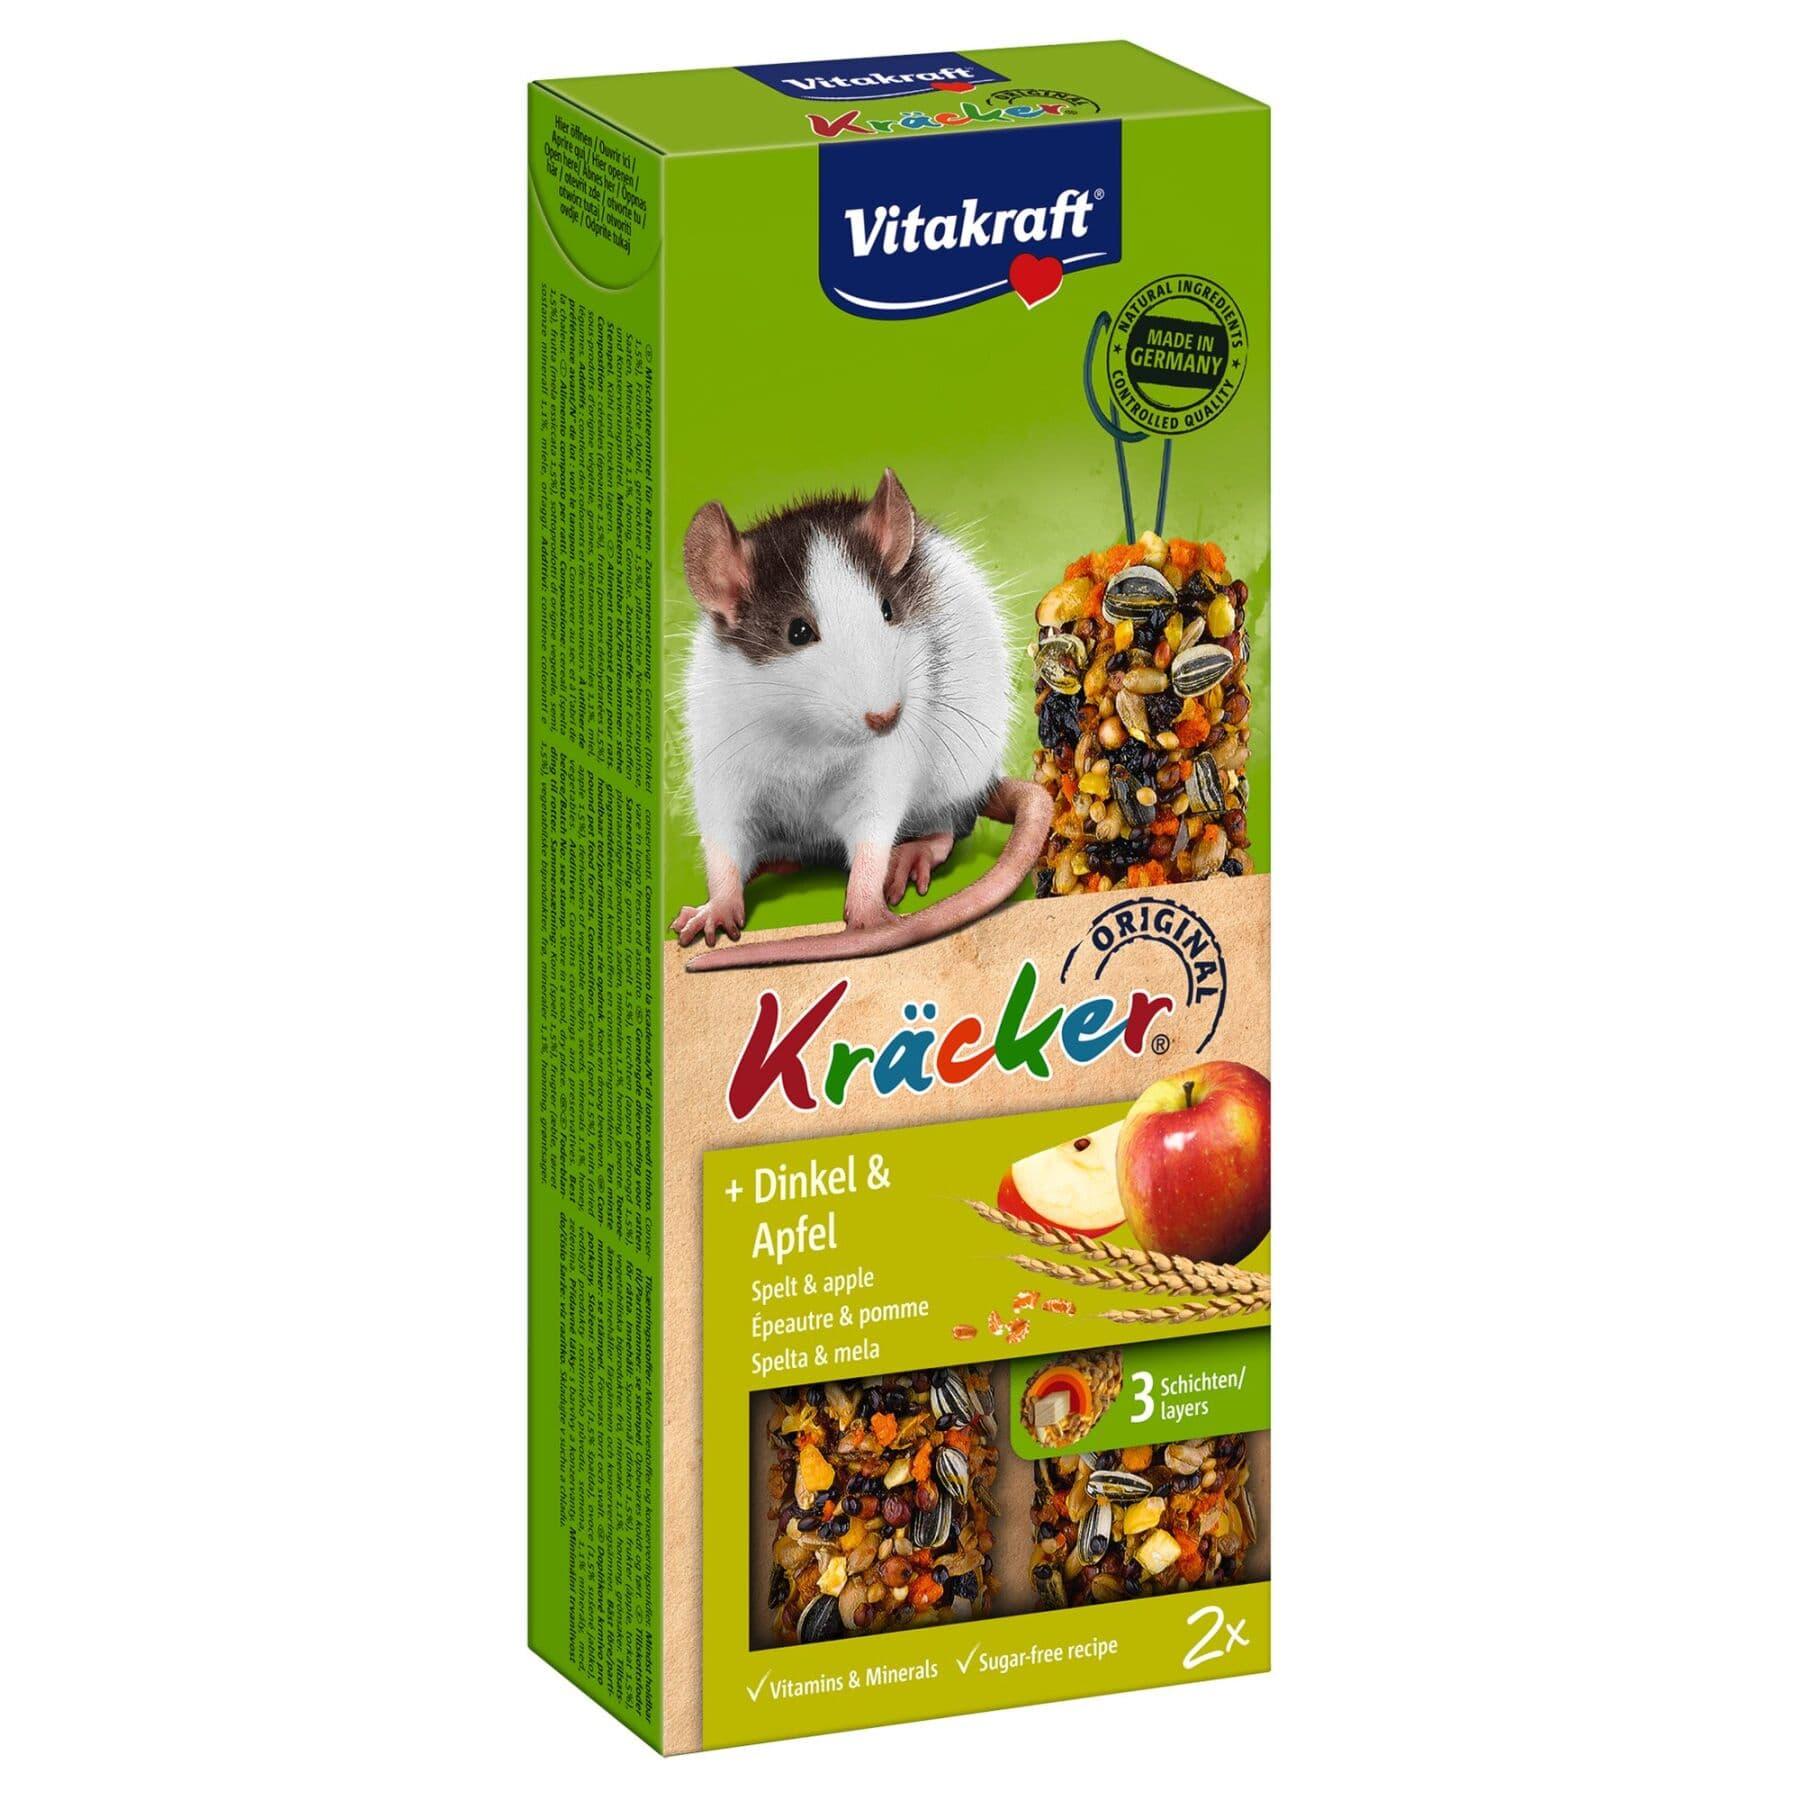 Повседневные лакомства для крыс Vitakraft «Kracker Original + Spelt & Apple» 112 г / 2 шт. (спельта и яблоко)